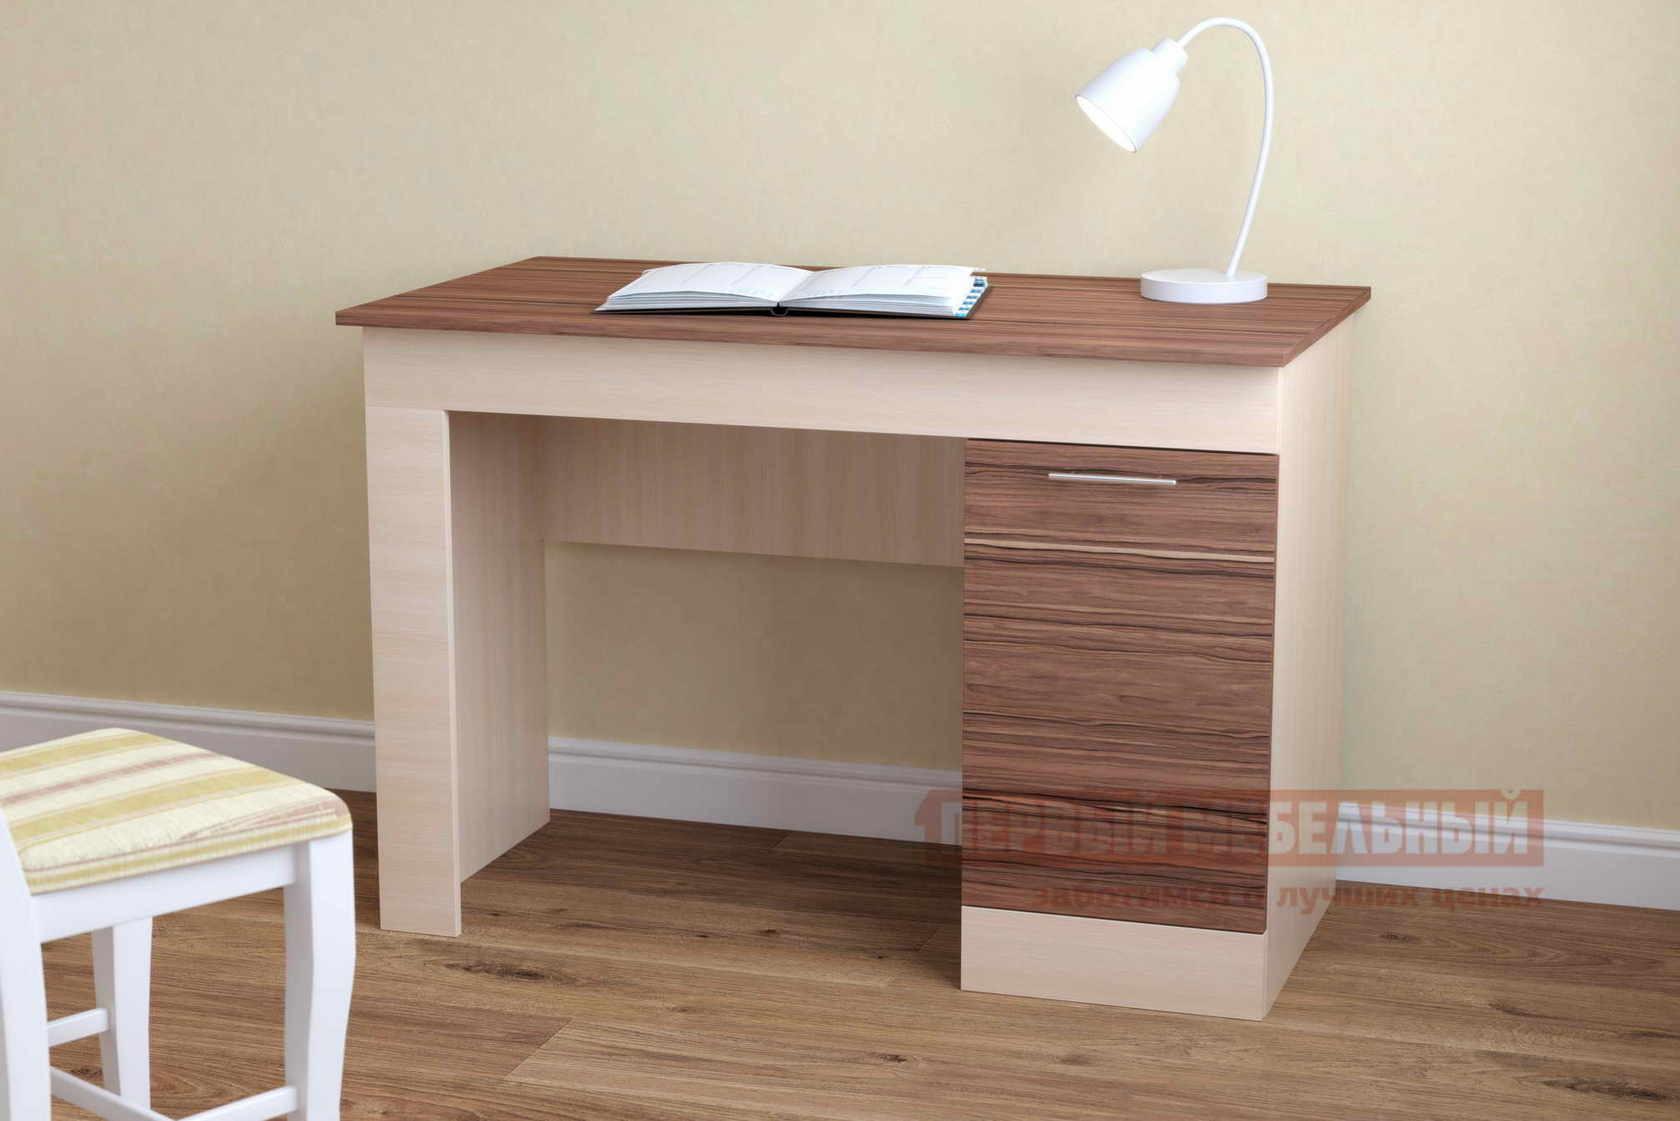 Письменный стол Мебелеф Письменный стол «Мебелеф-5»